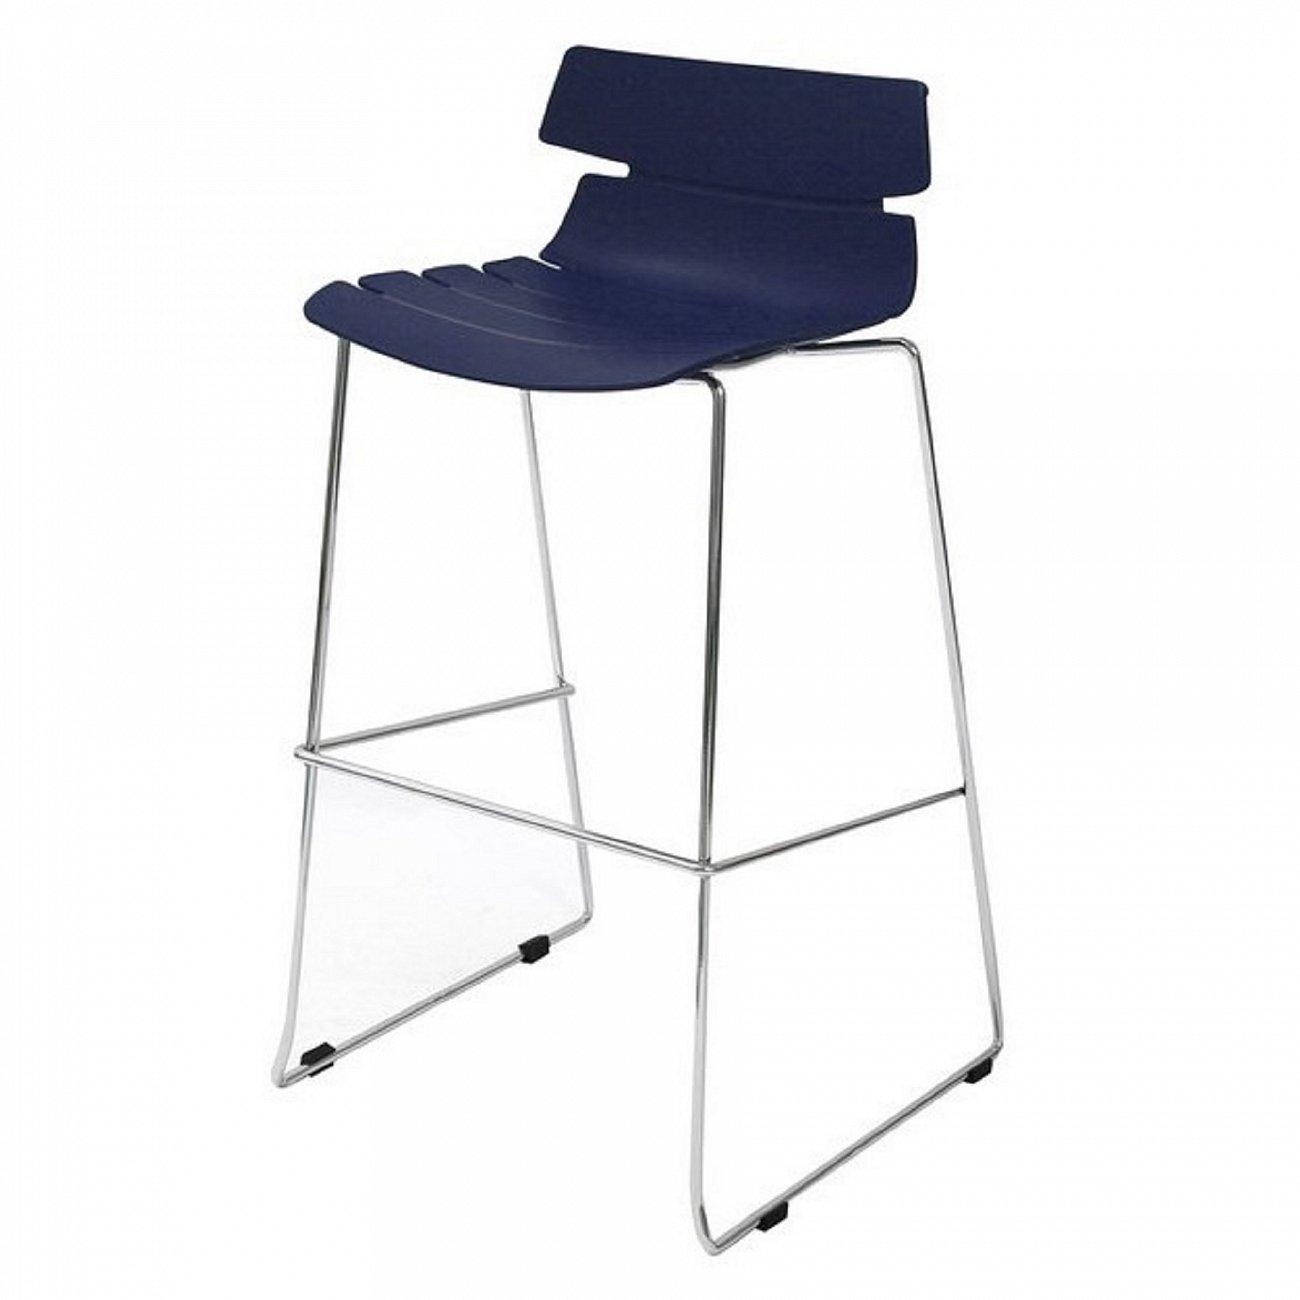 Купить Стул барный CT-602 синий в интернет магазине дизайнерской мебели и аксессуаров для дома и дачи